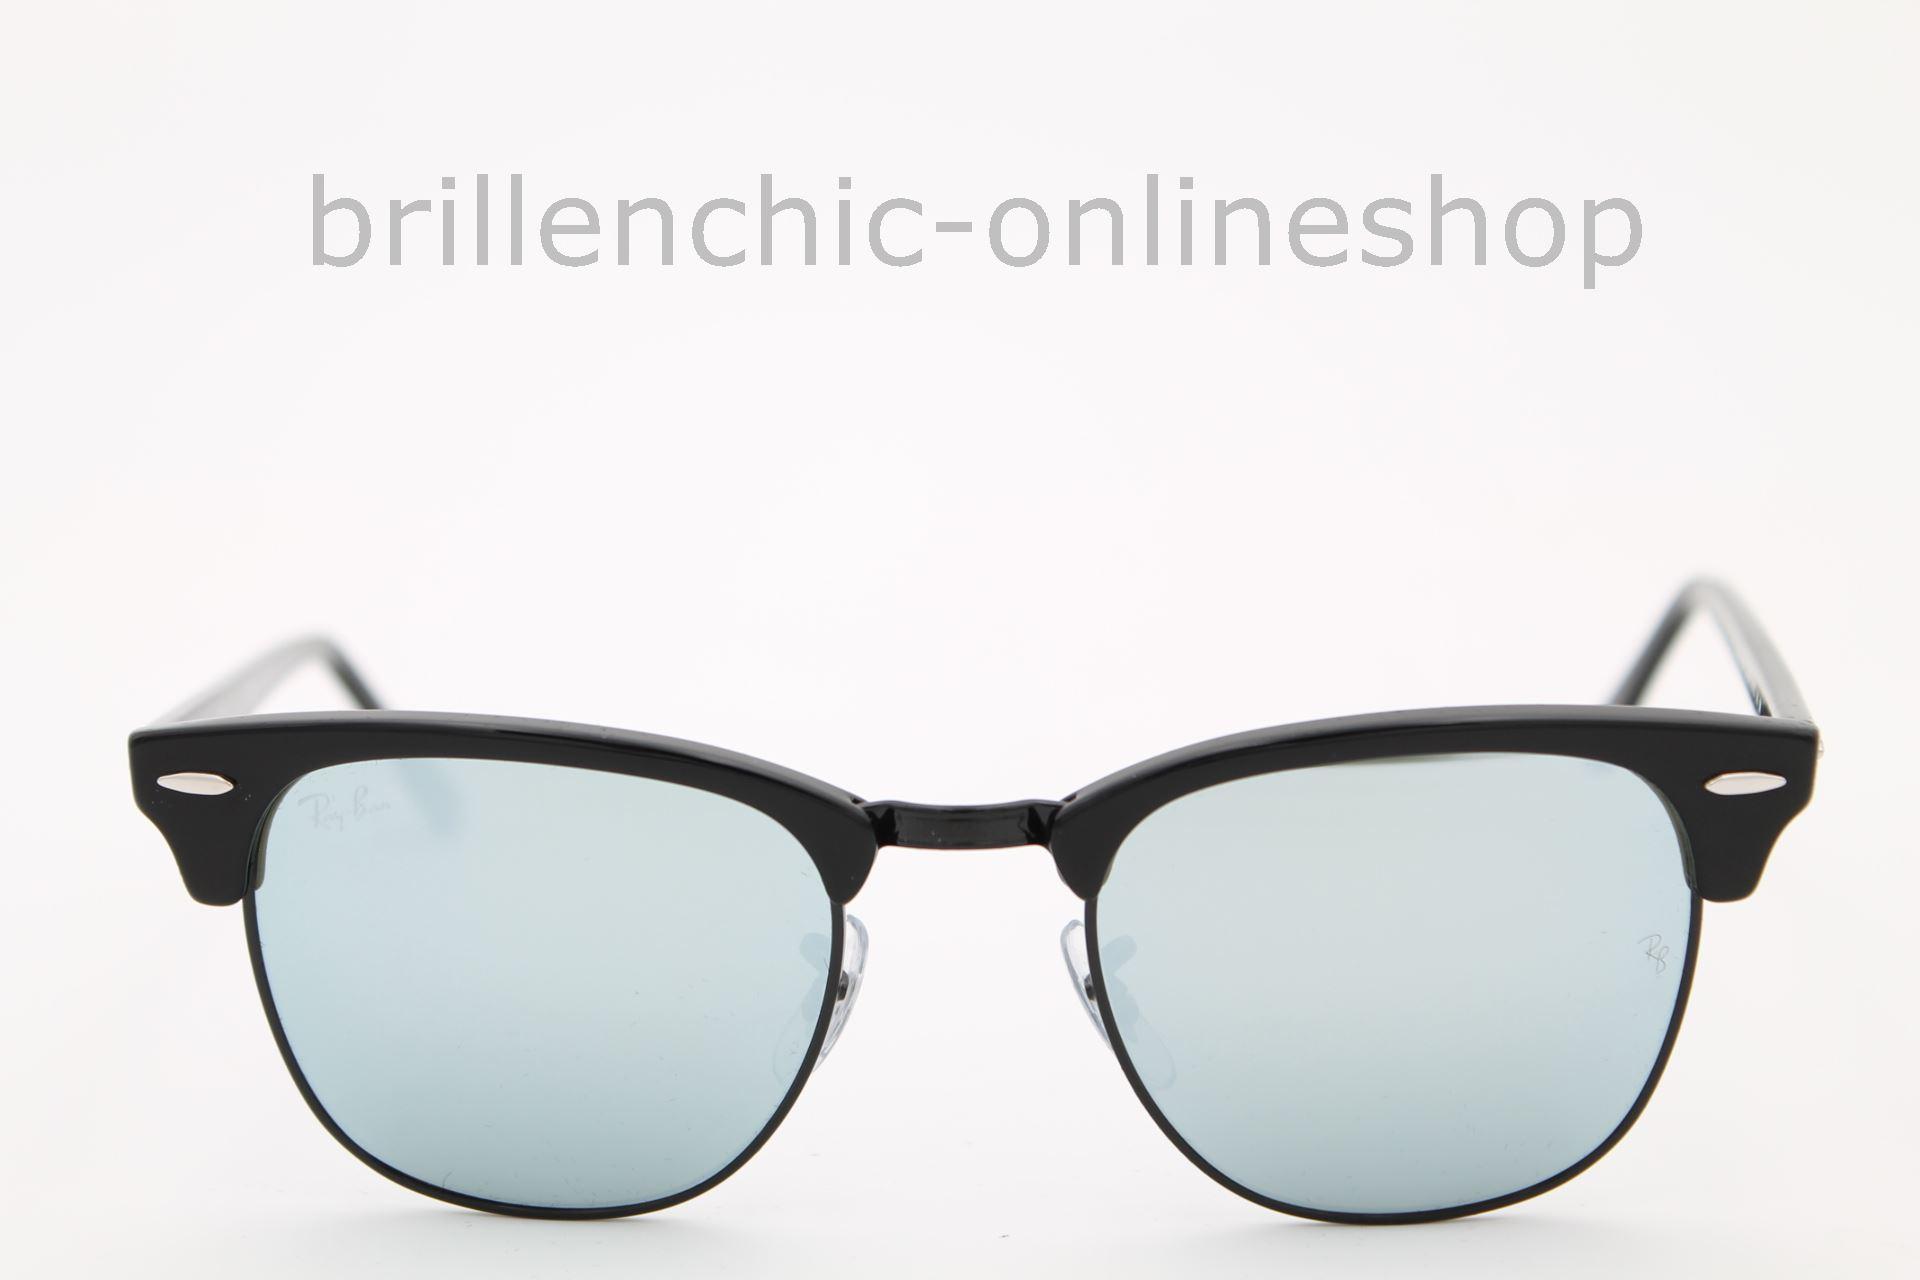 5f7564e3932 Brillenchic - onlineshop Berlin Ihr starker Partner für exklusive Brillen  online kaufen Ray Ban CLUBMASTER RB 3016 1229 30 exklusiv im Brillenchic-  ...